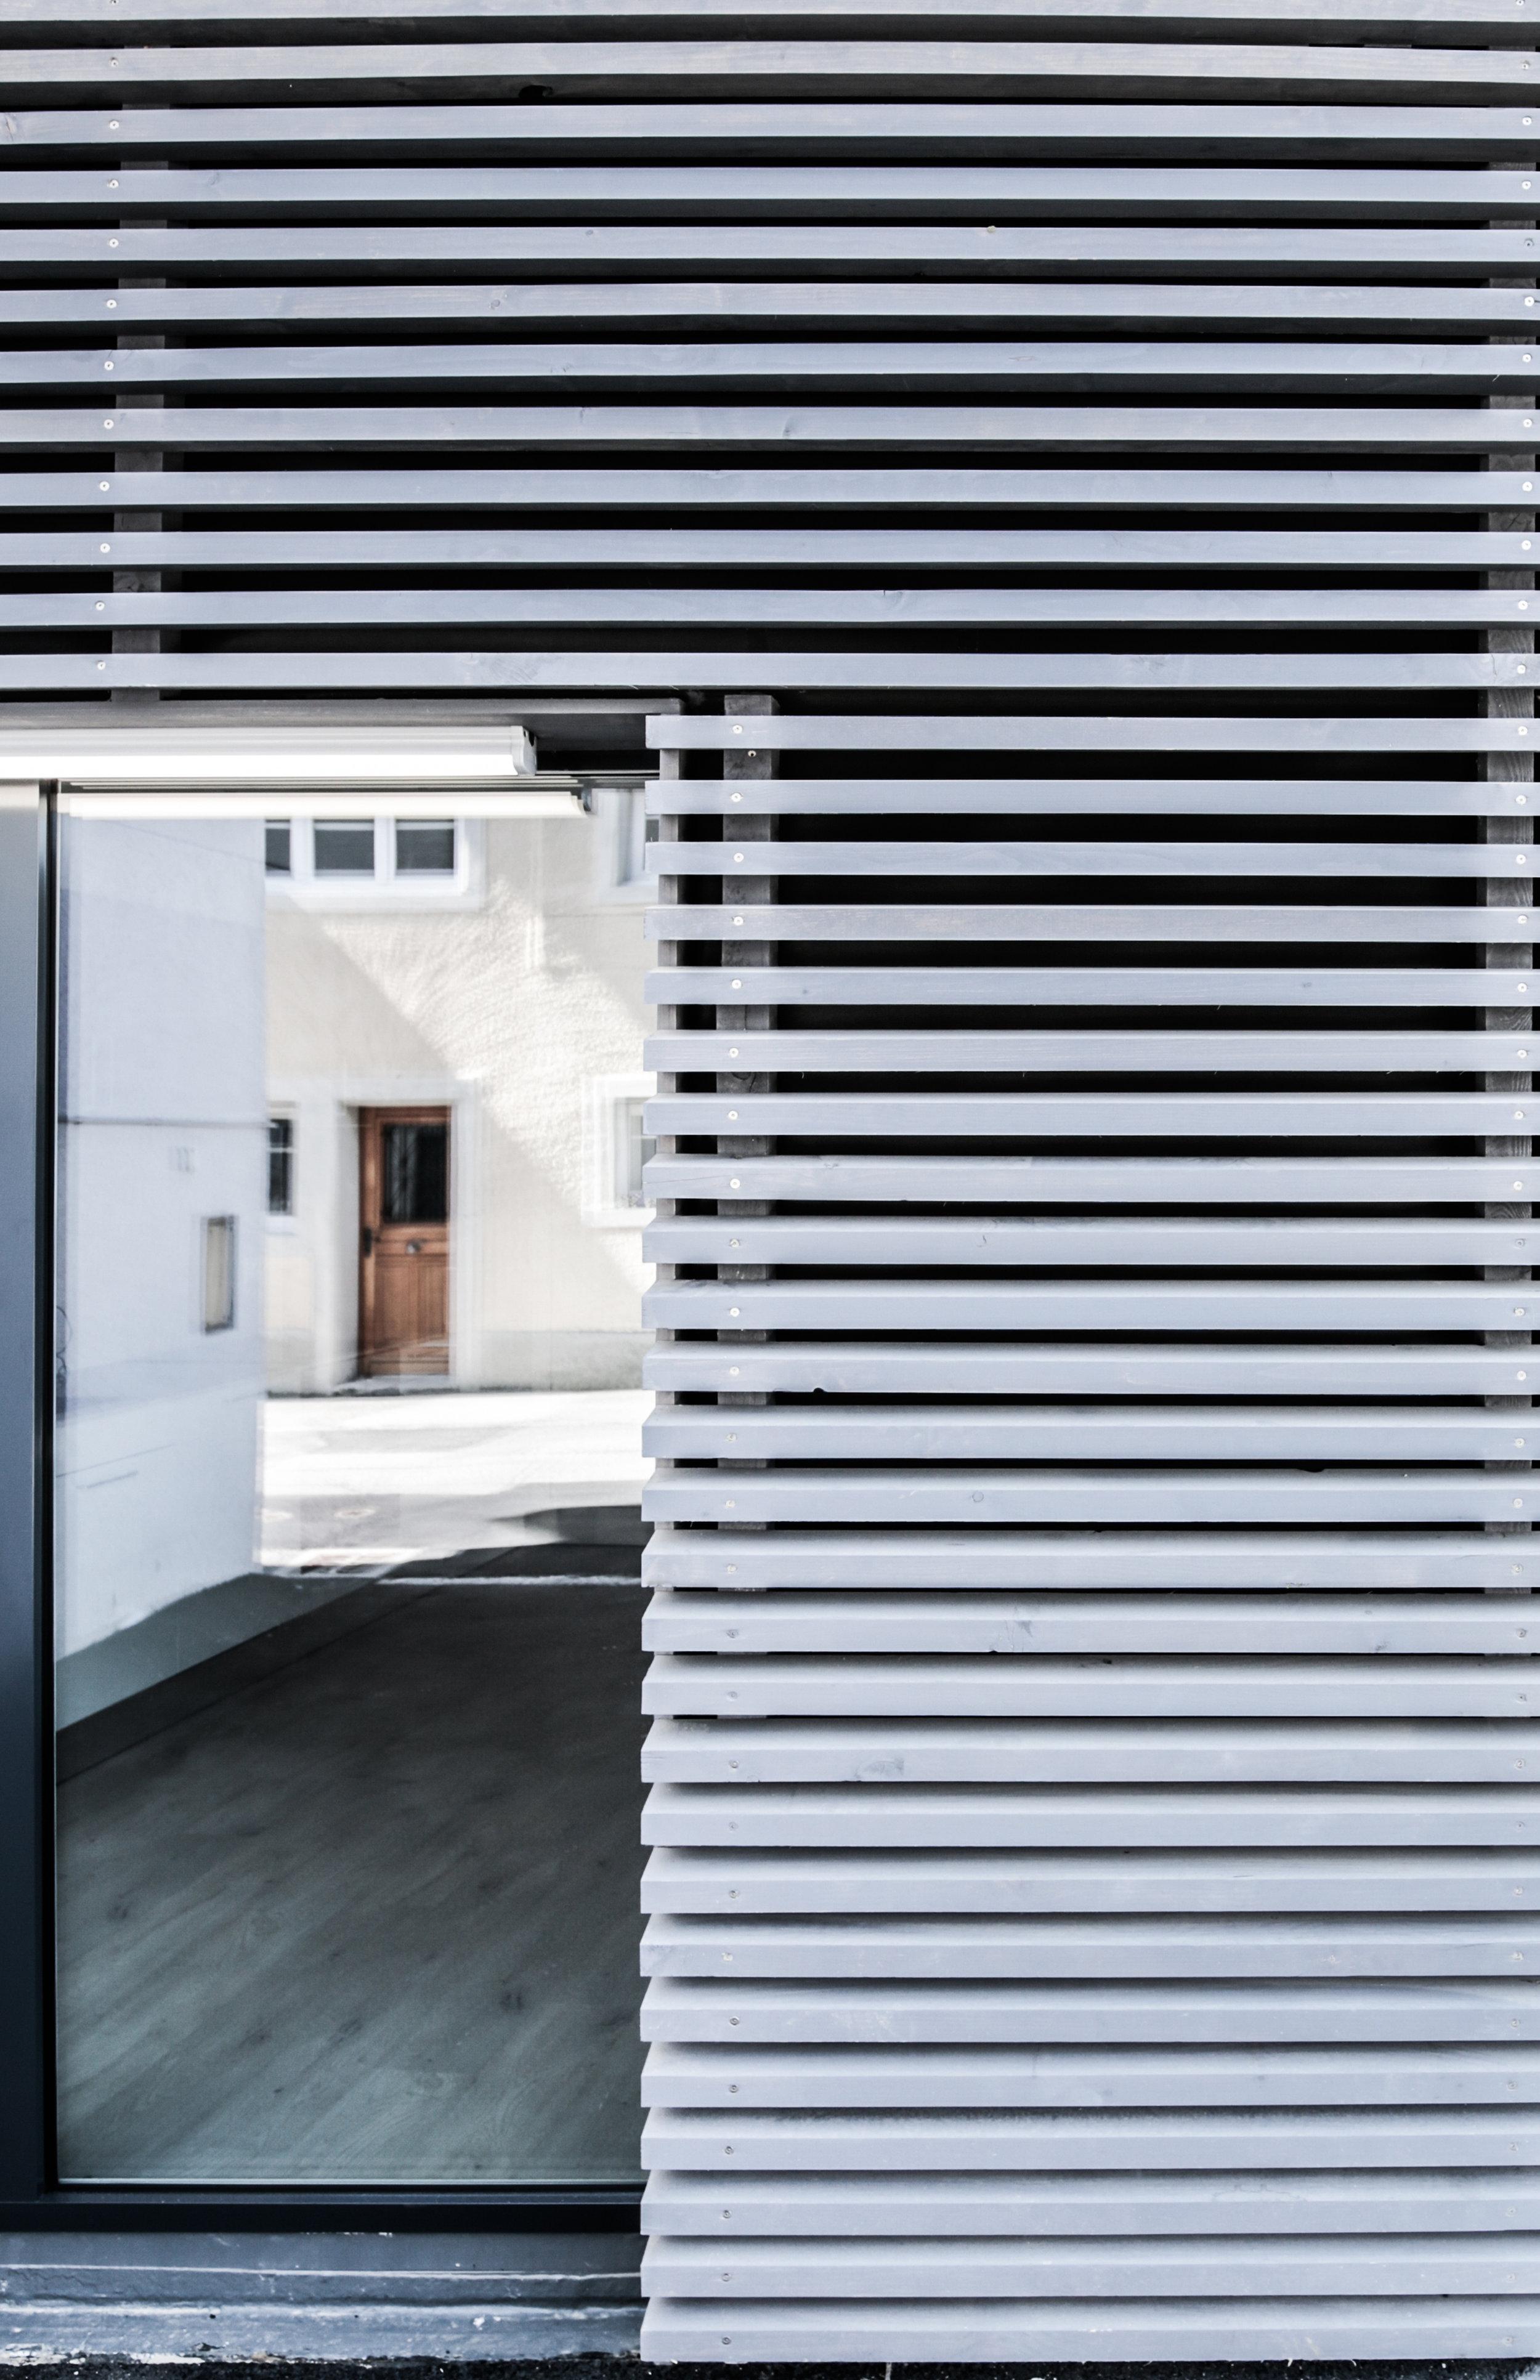 17DUB.02_Substances architectes lavaux Vevey Riex.jpg